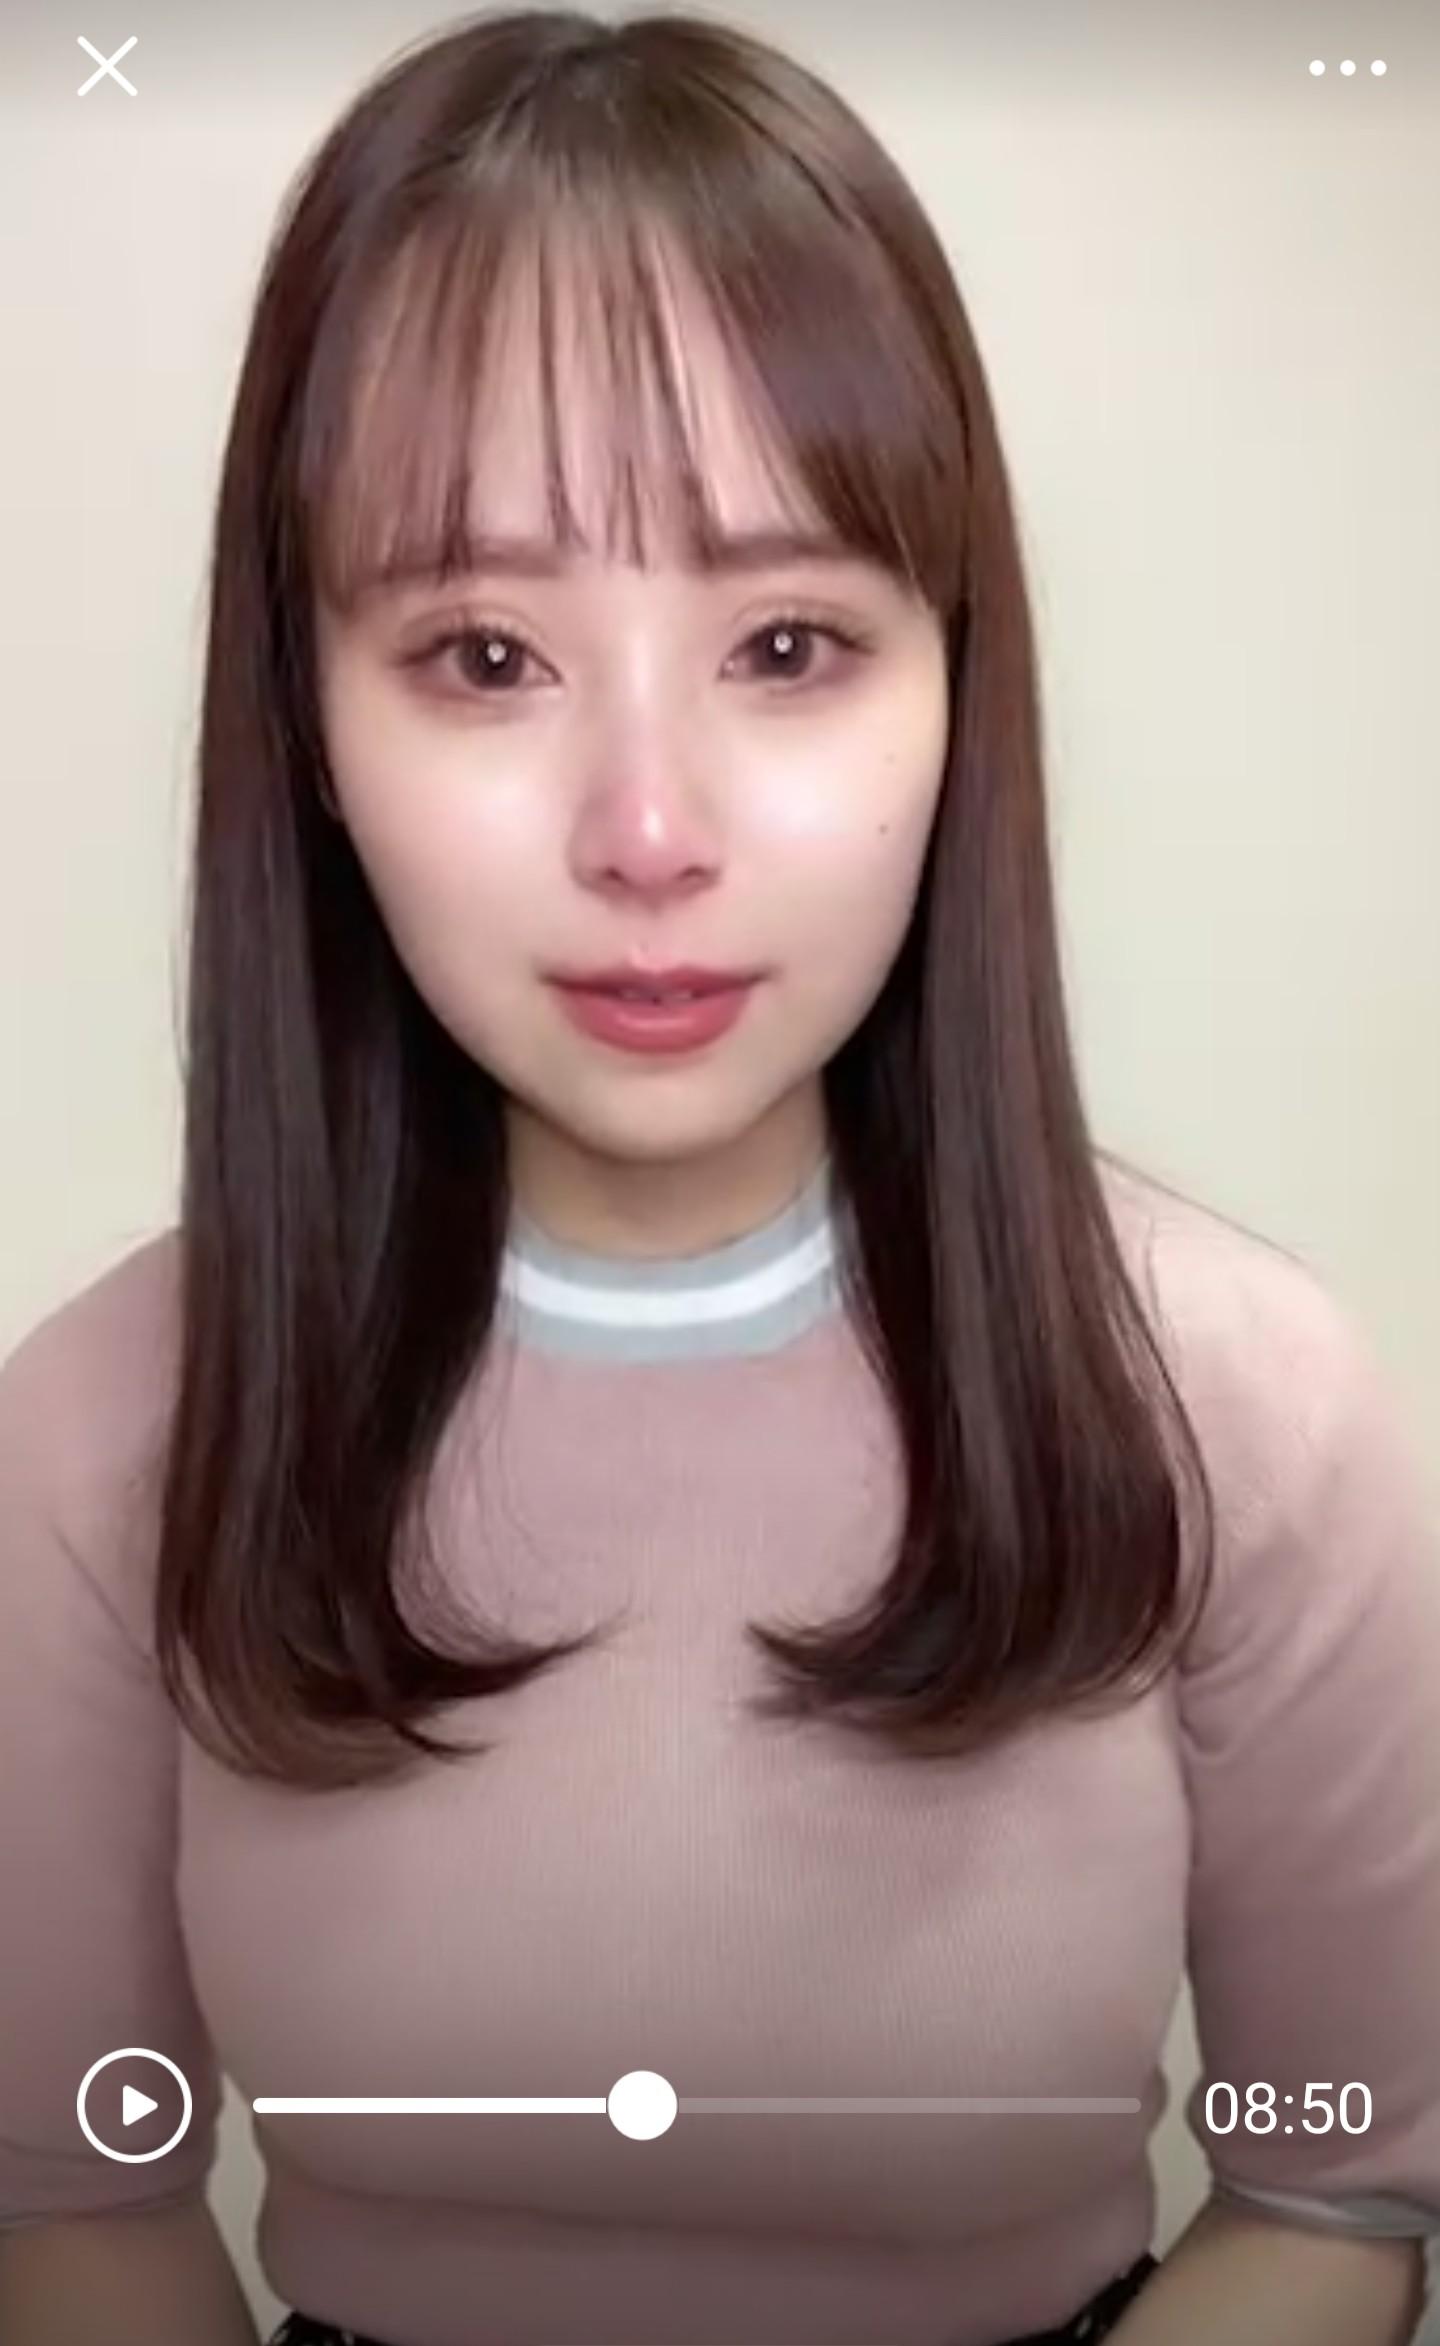 【画像】AV女優さん、生放送中に突然泣き出す